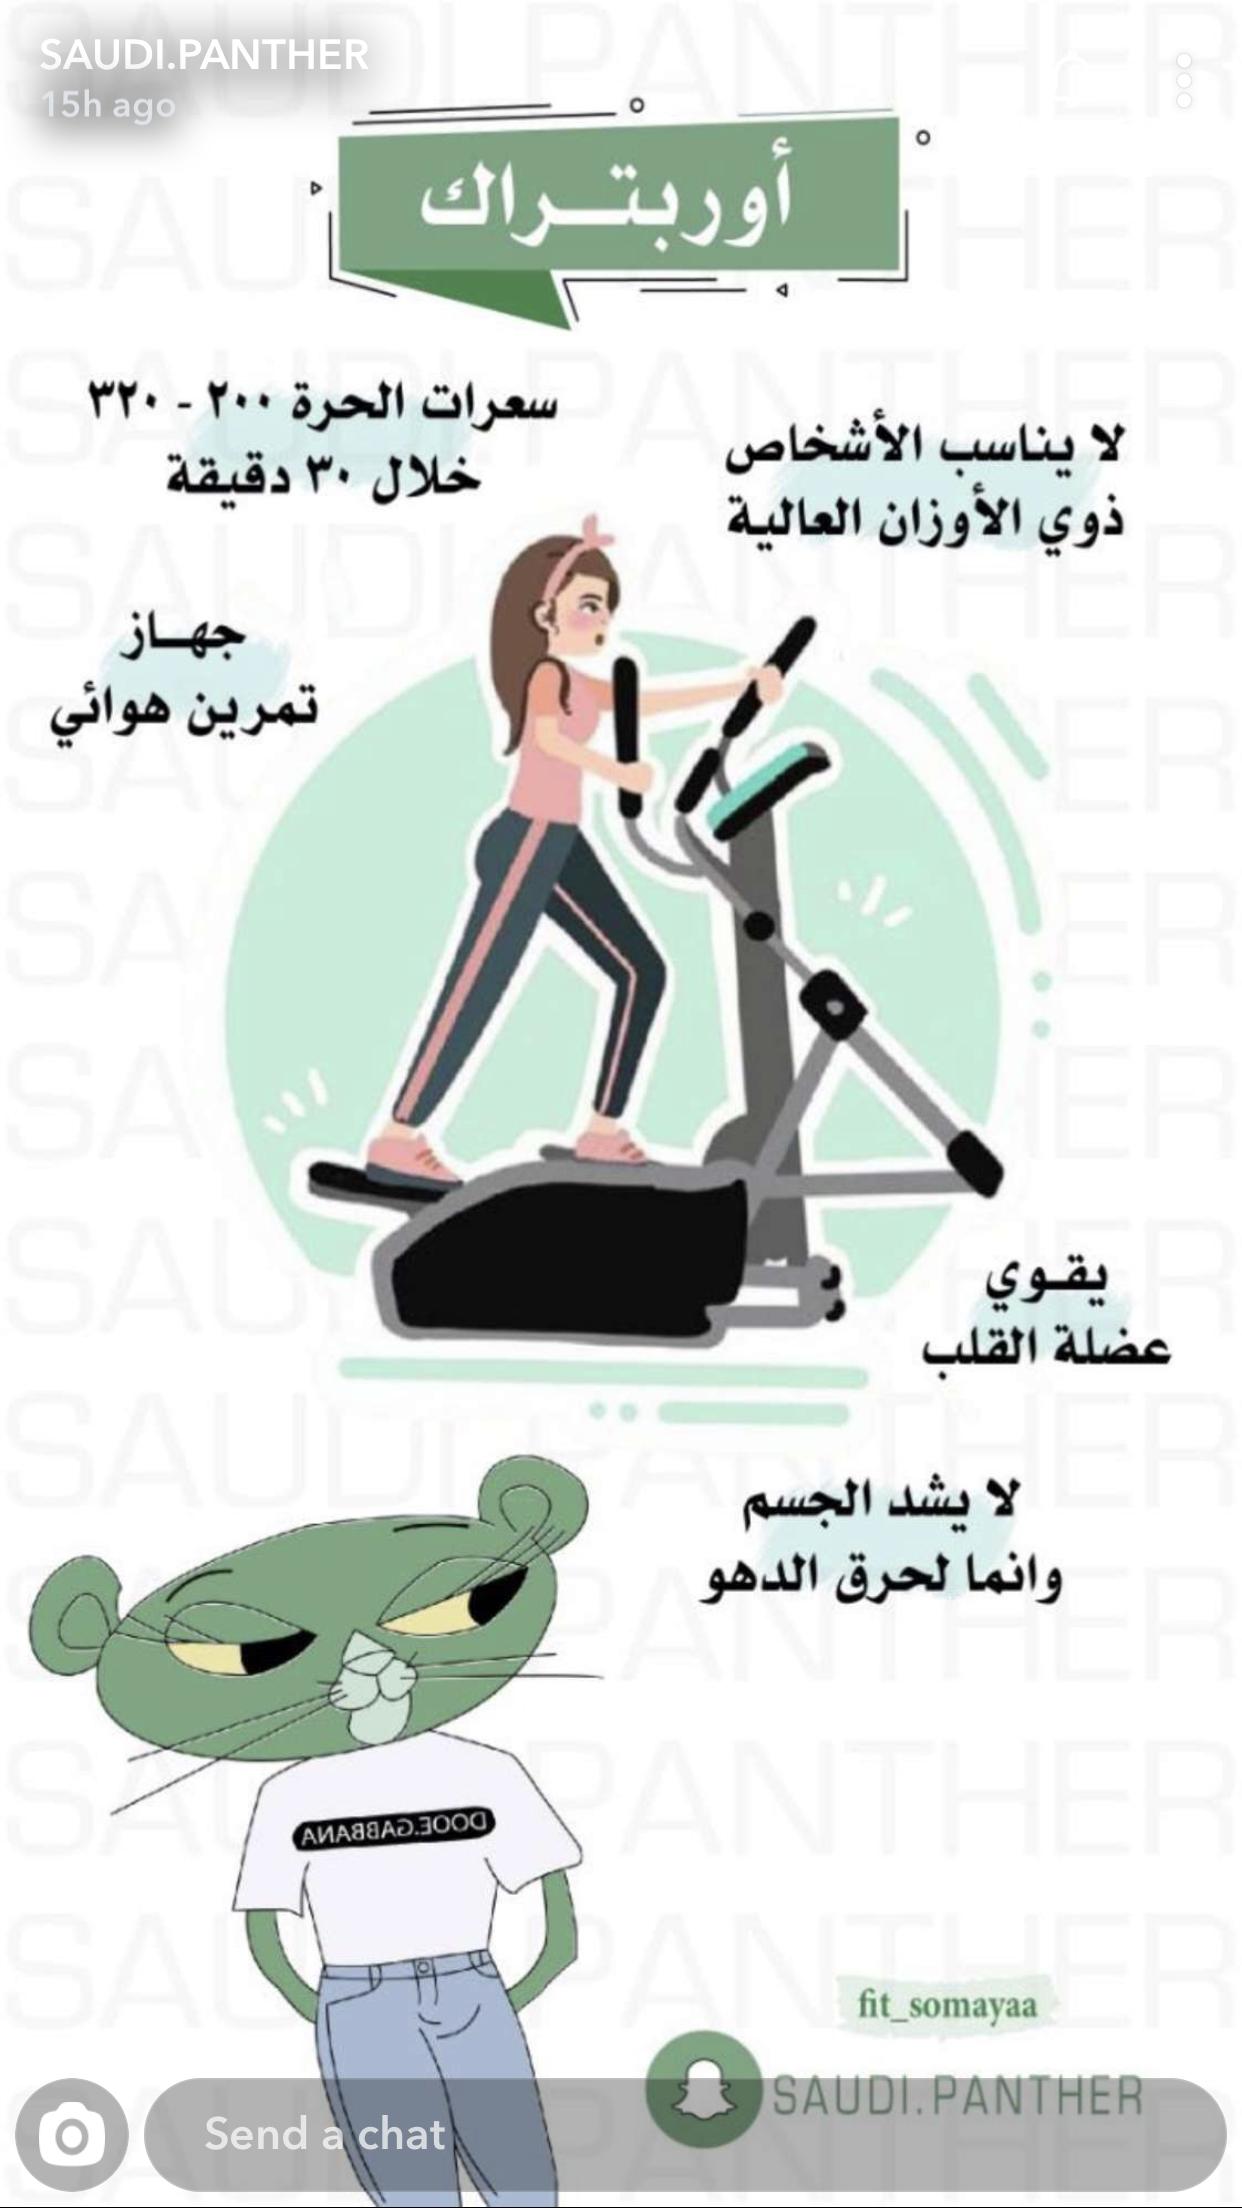 جهاز اوربتراك Gym Workout Videos Health And Fitness Articles Body Workout At Home